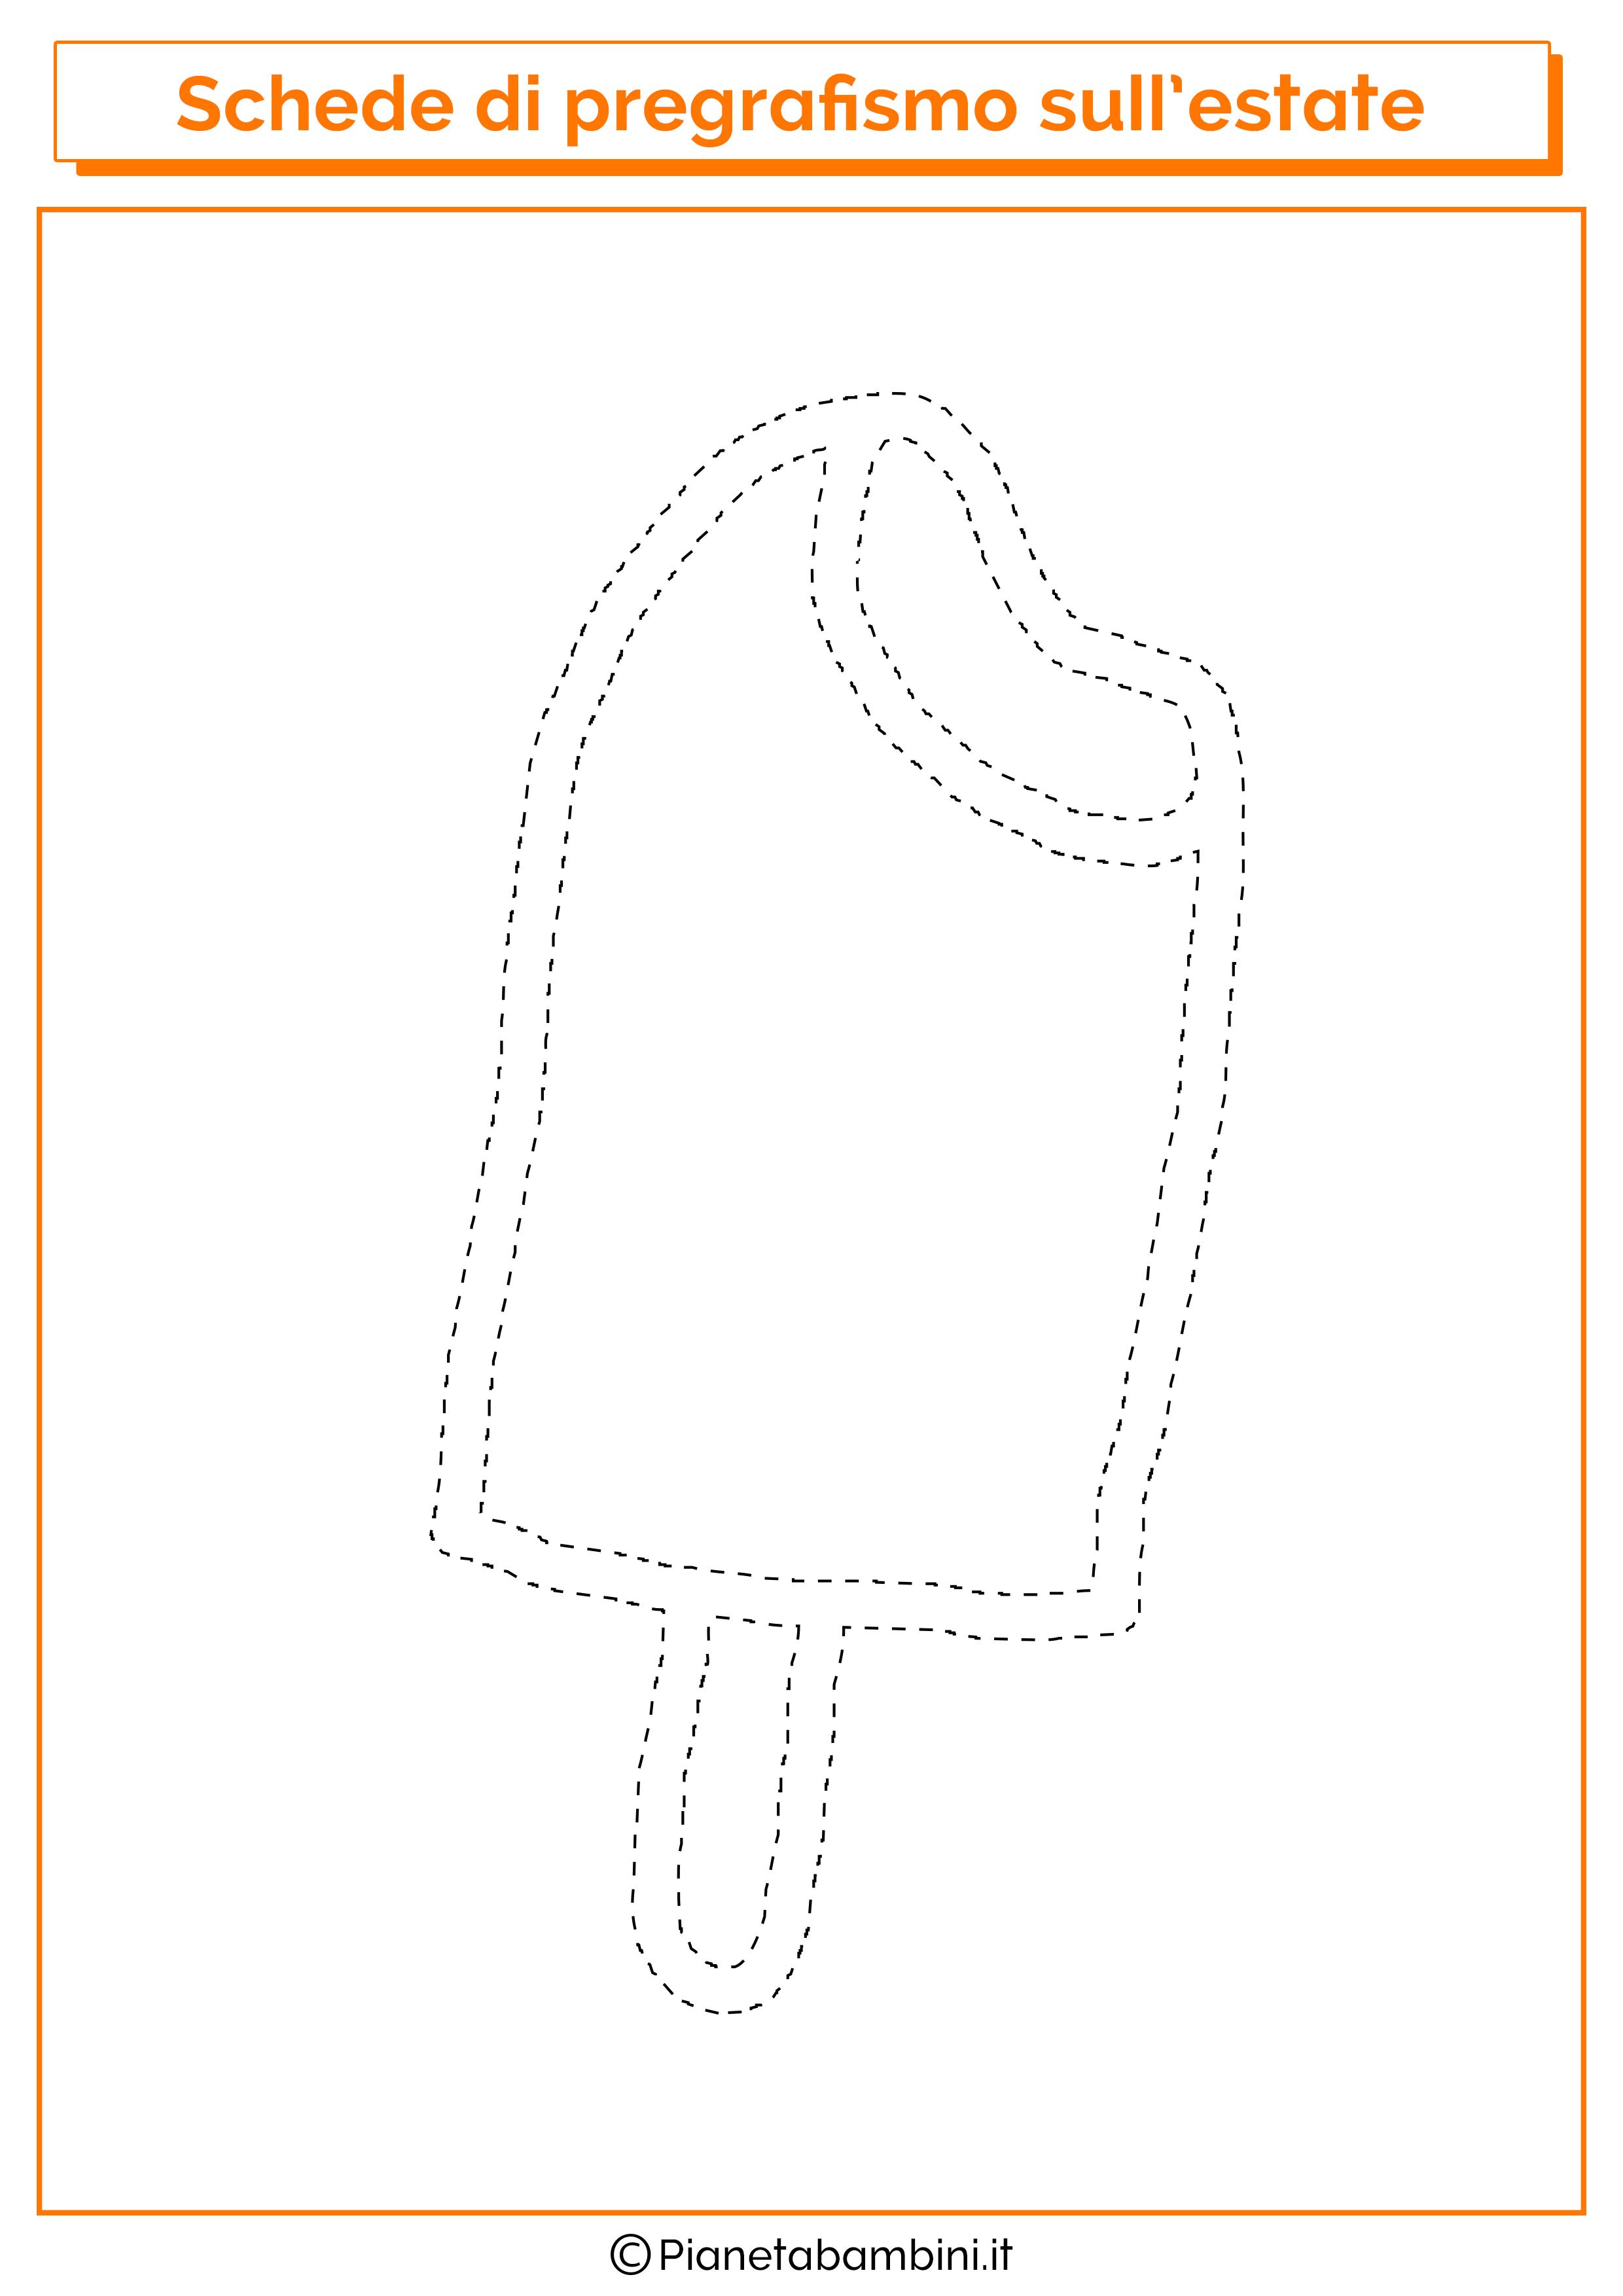 Pregrafismo-Estate-Gelato